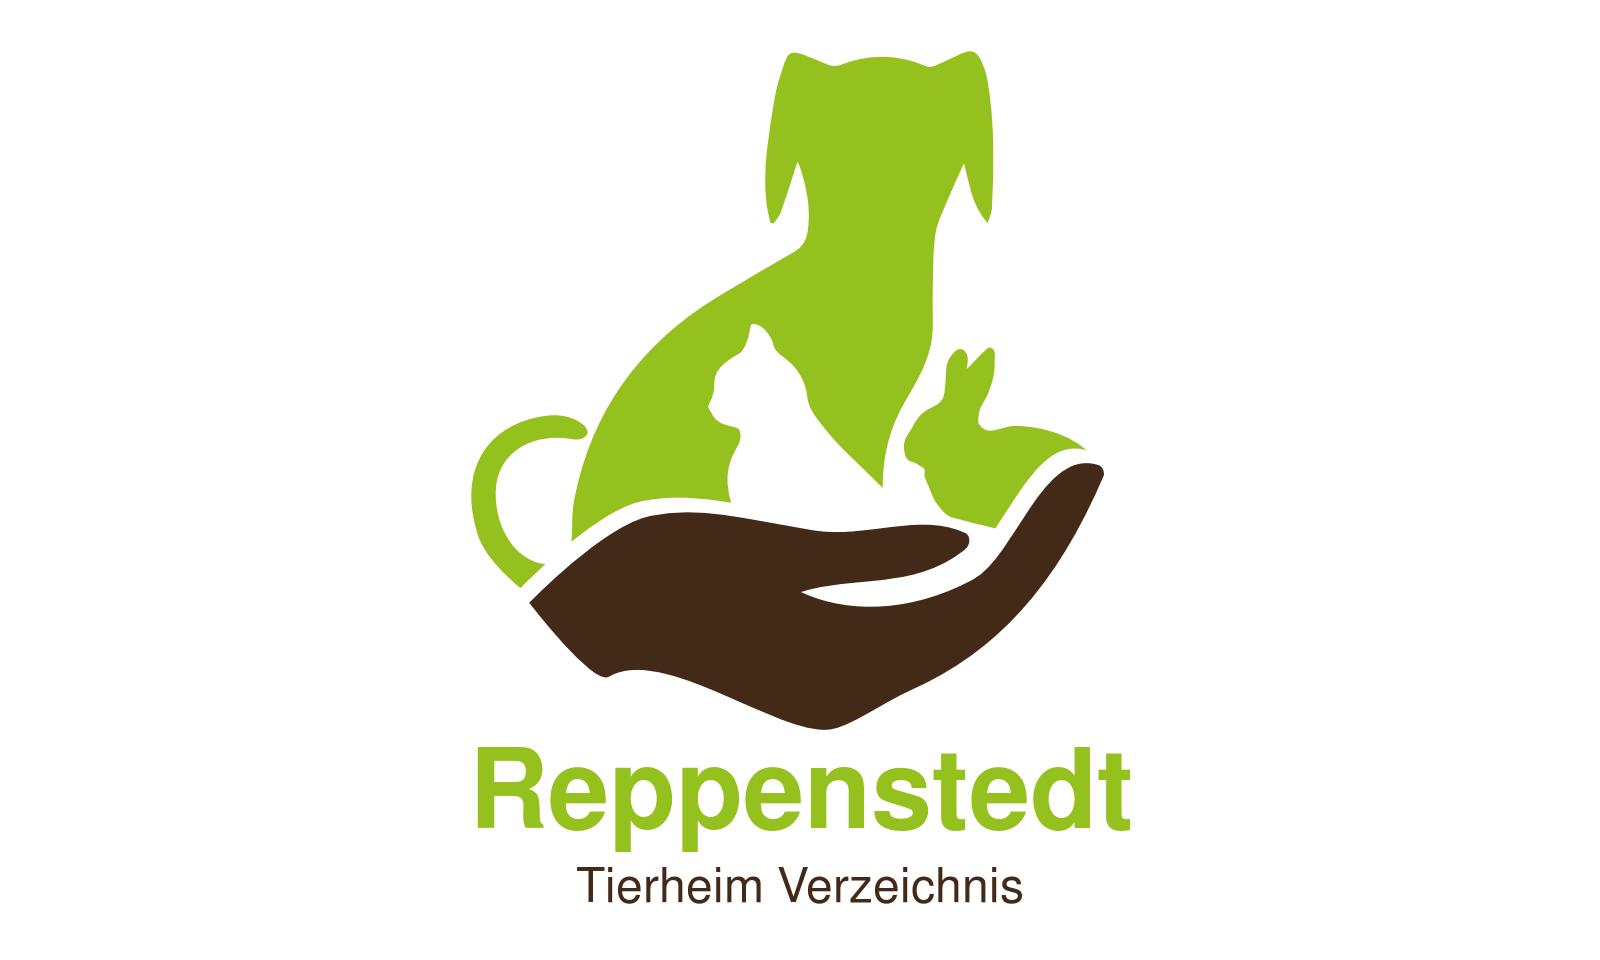 Tierheim Reppenstedt